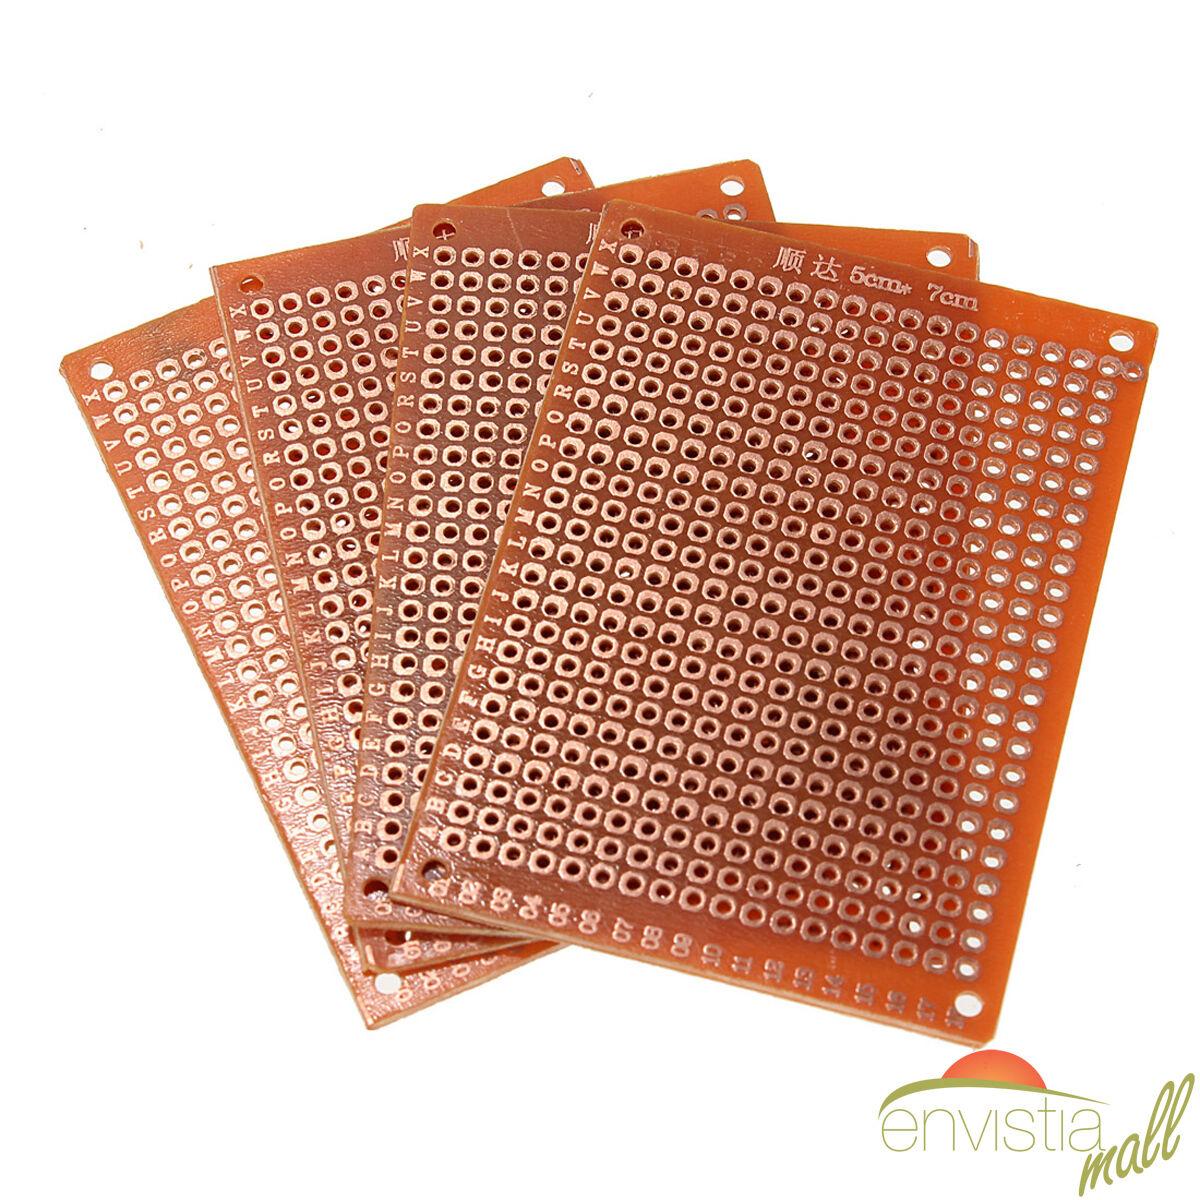 10 pcs 5x7cm diy pcb prototyping perf circuit boards breadboards us rh picclick com